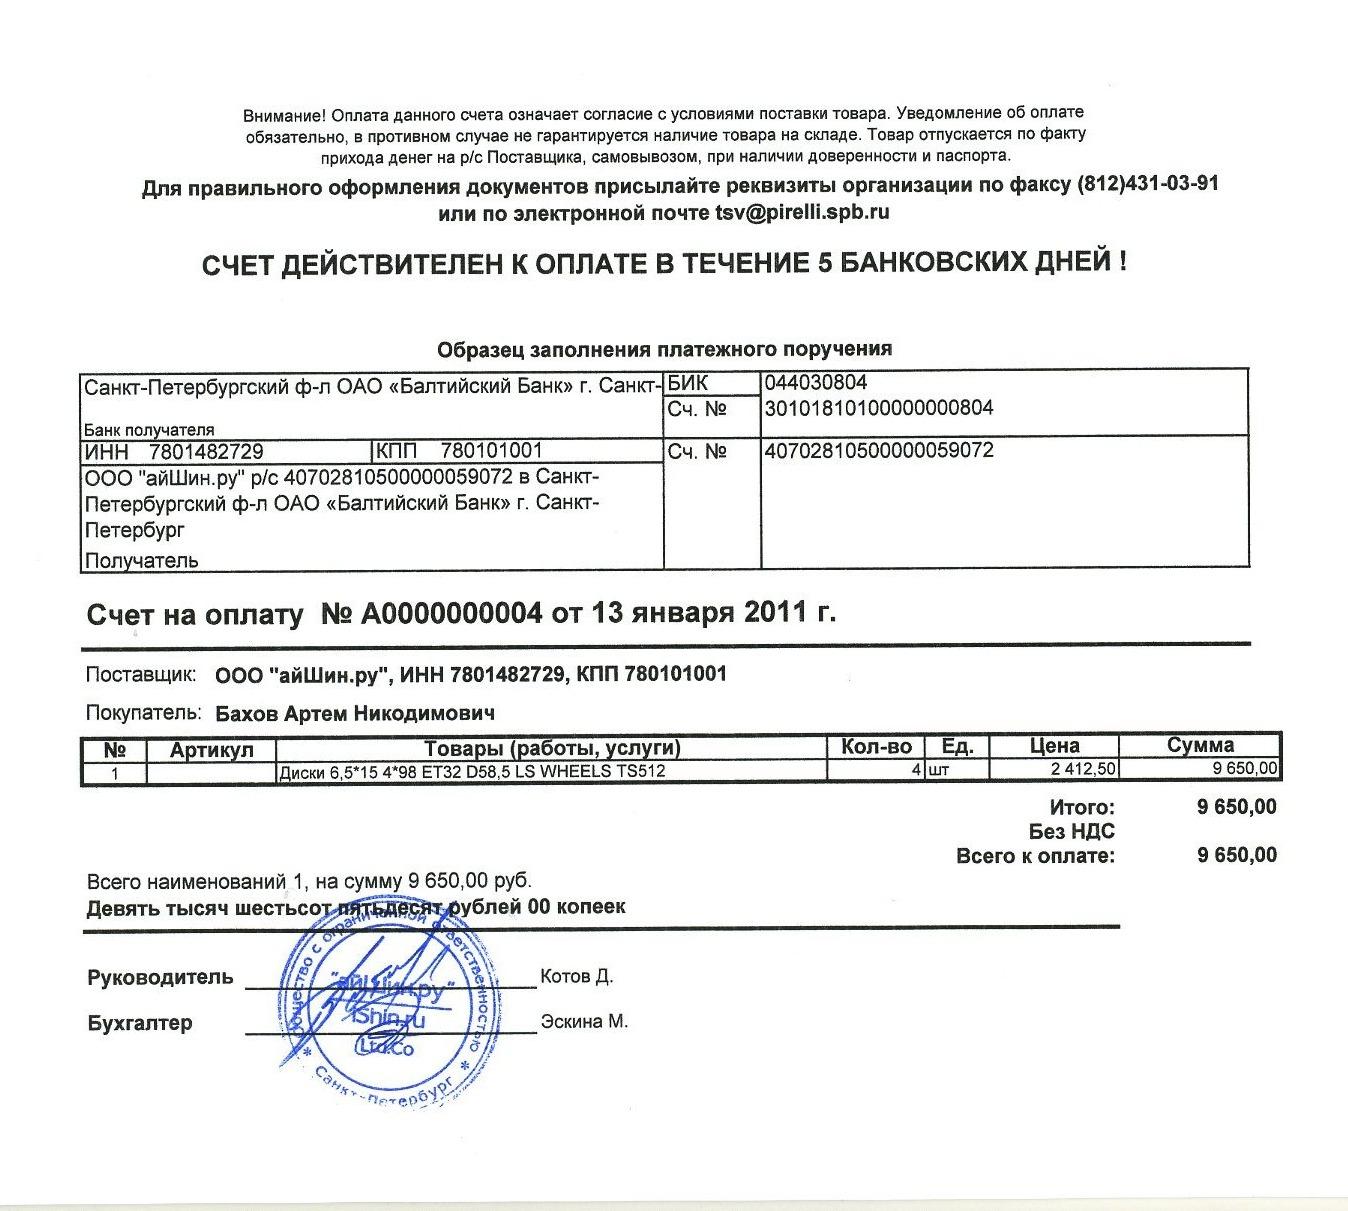 армяни платят за аренду любом сценарии